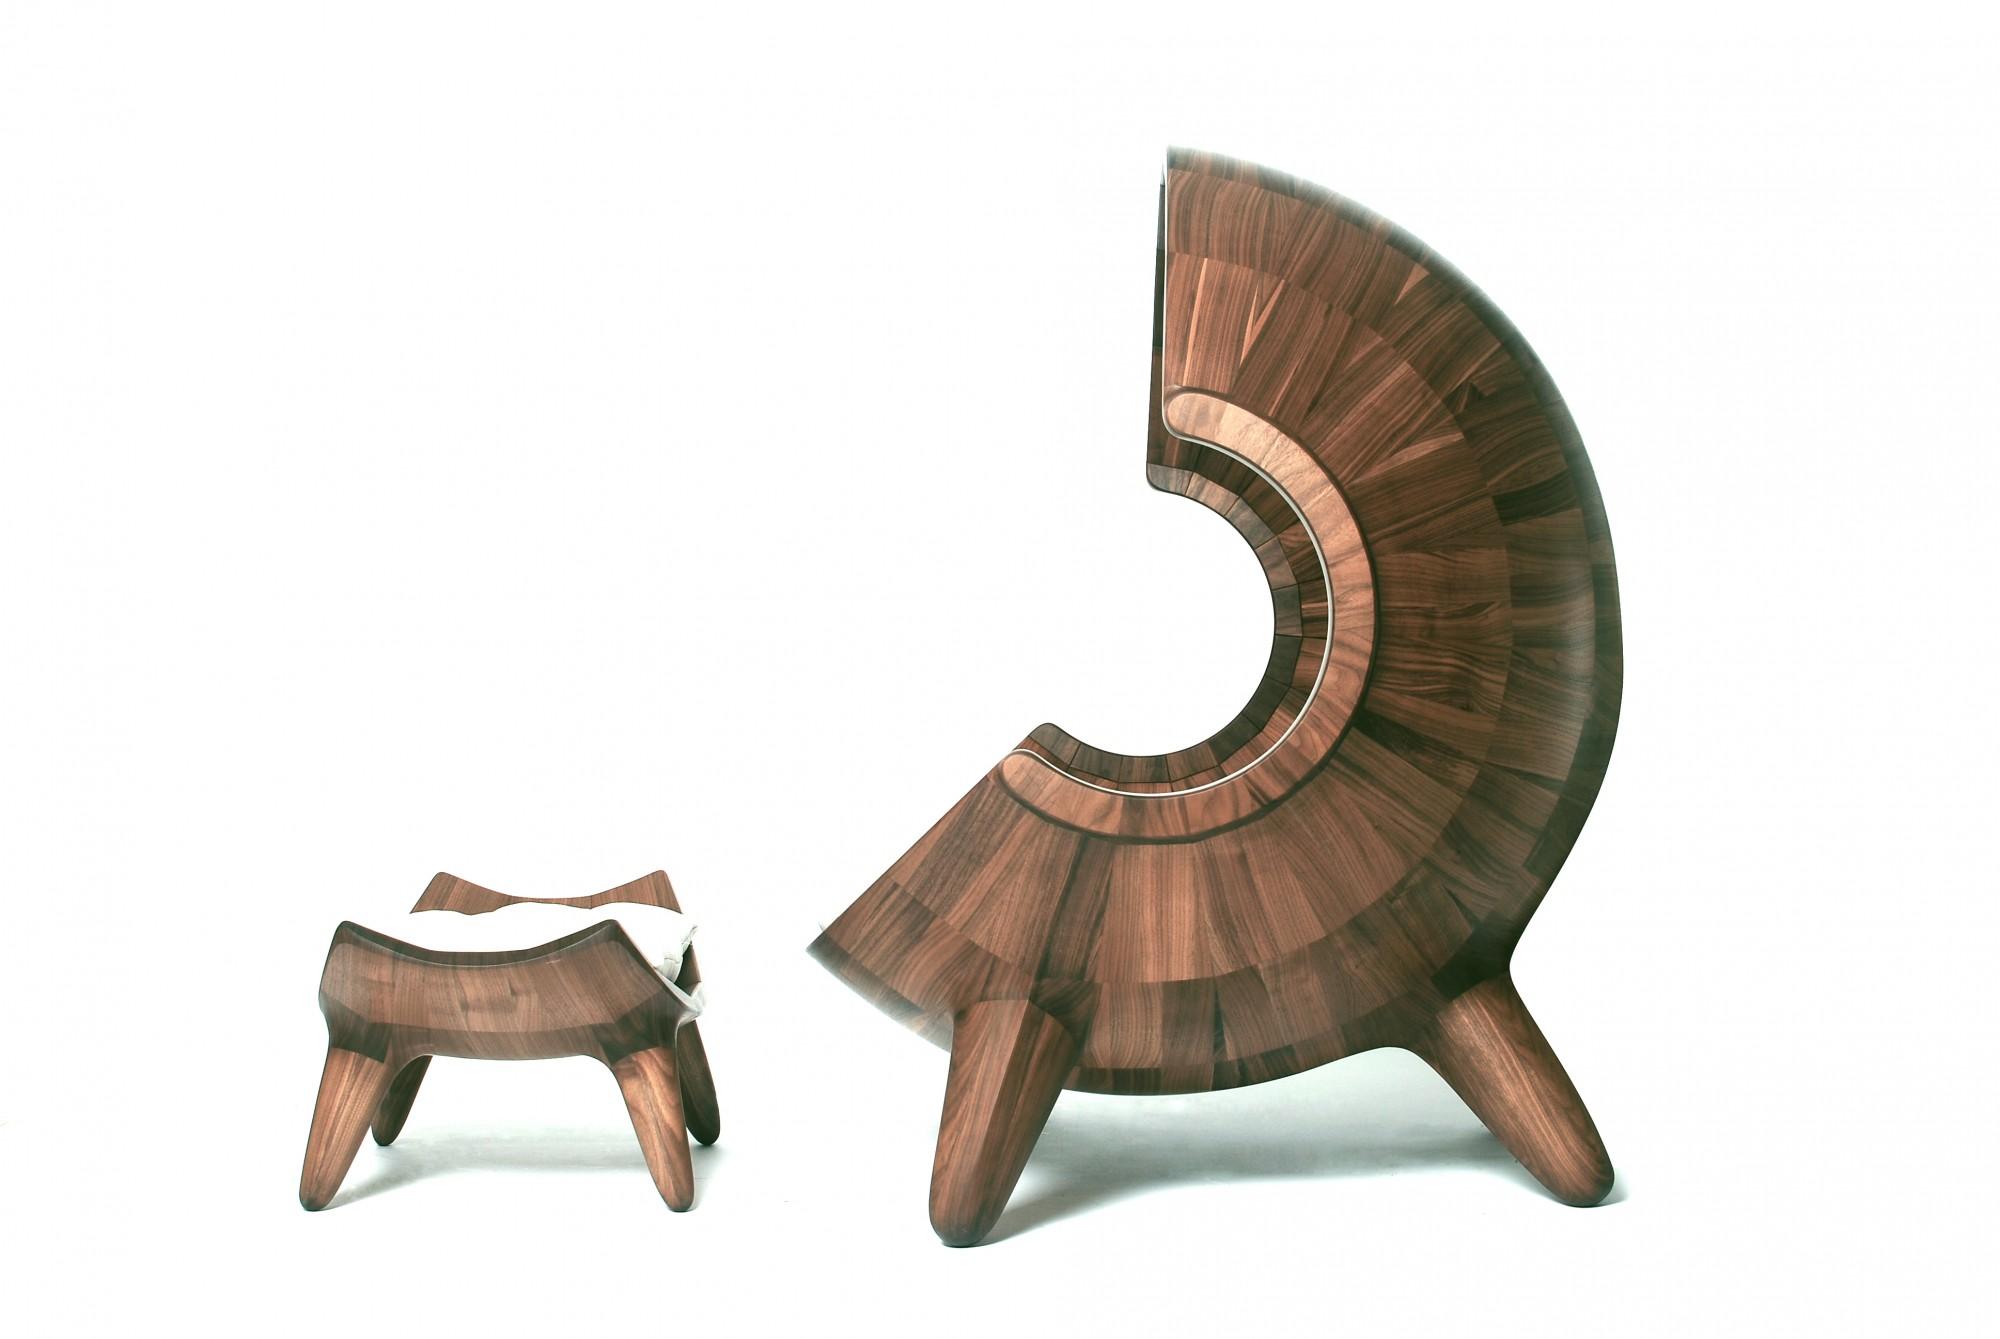 wooden-ball-chair_02-e1380275850811